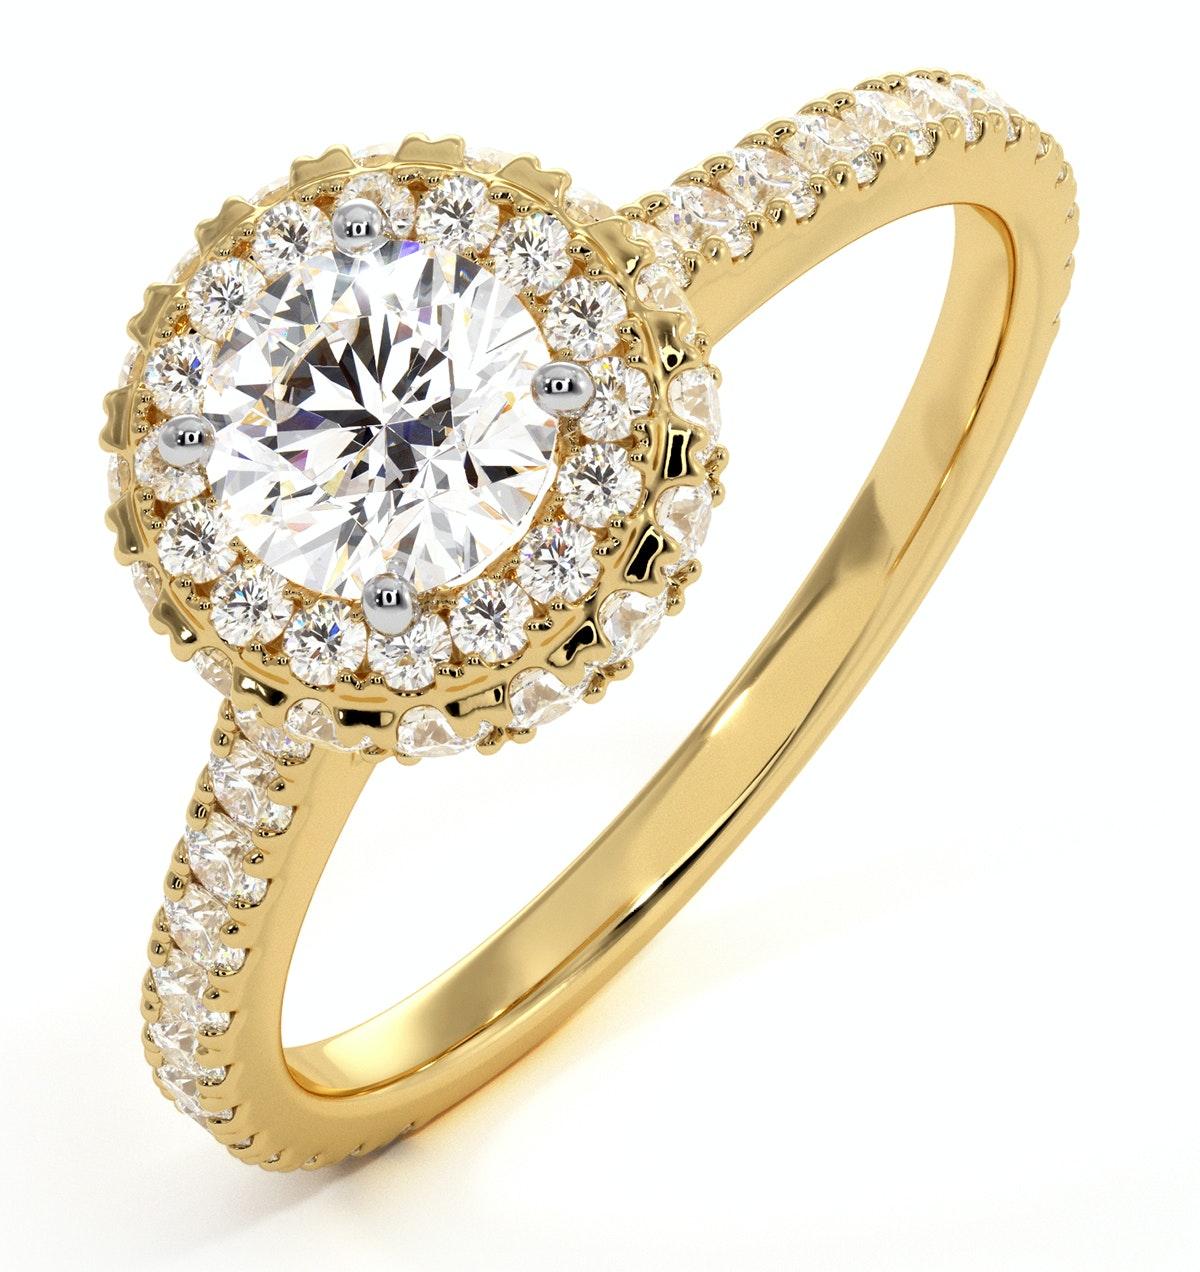 Valerie GIA Diamond Halo Engagement Ring in 18K Gold 1.10ct G/VS1